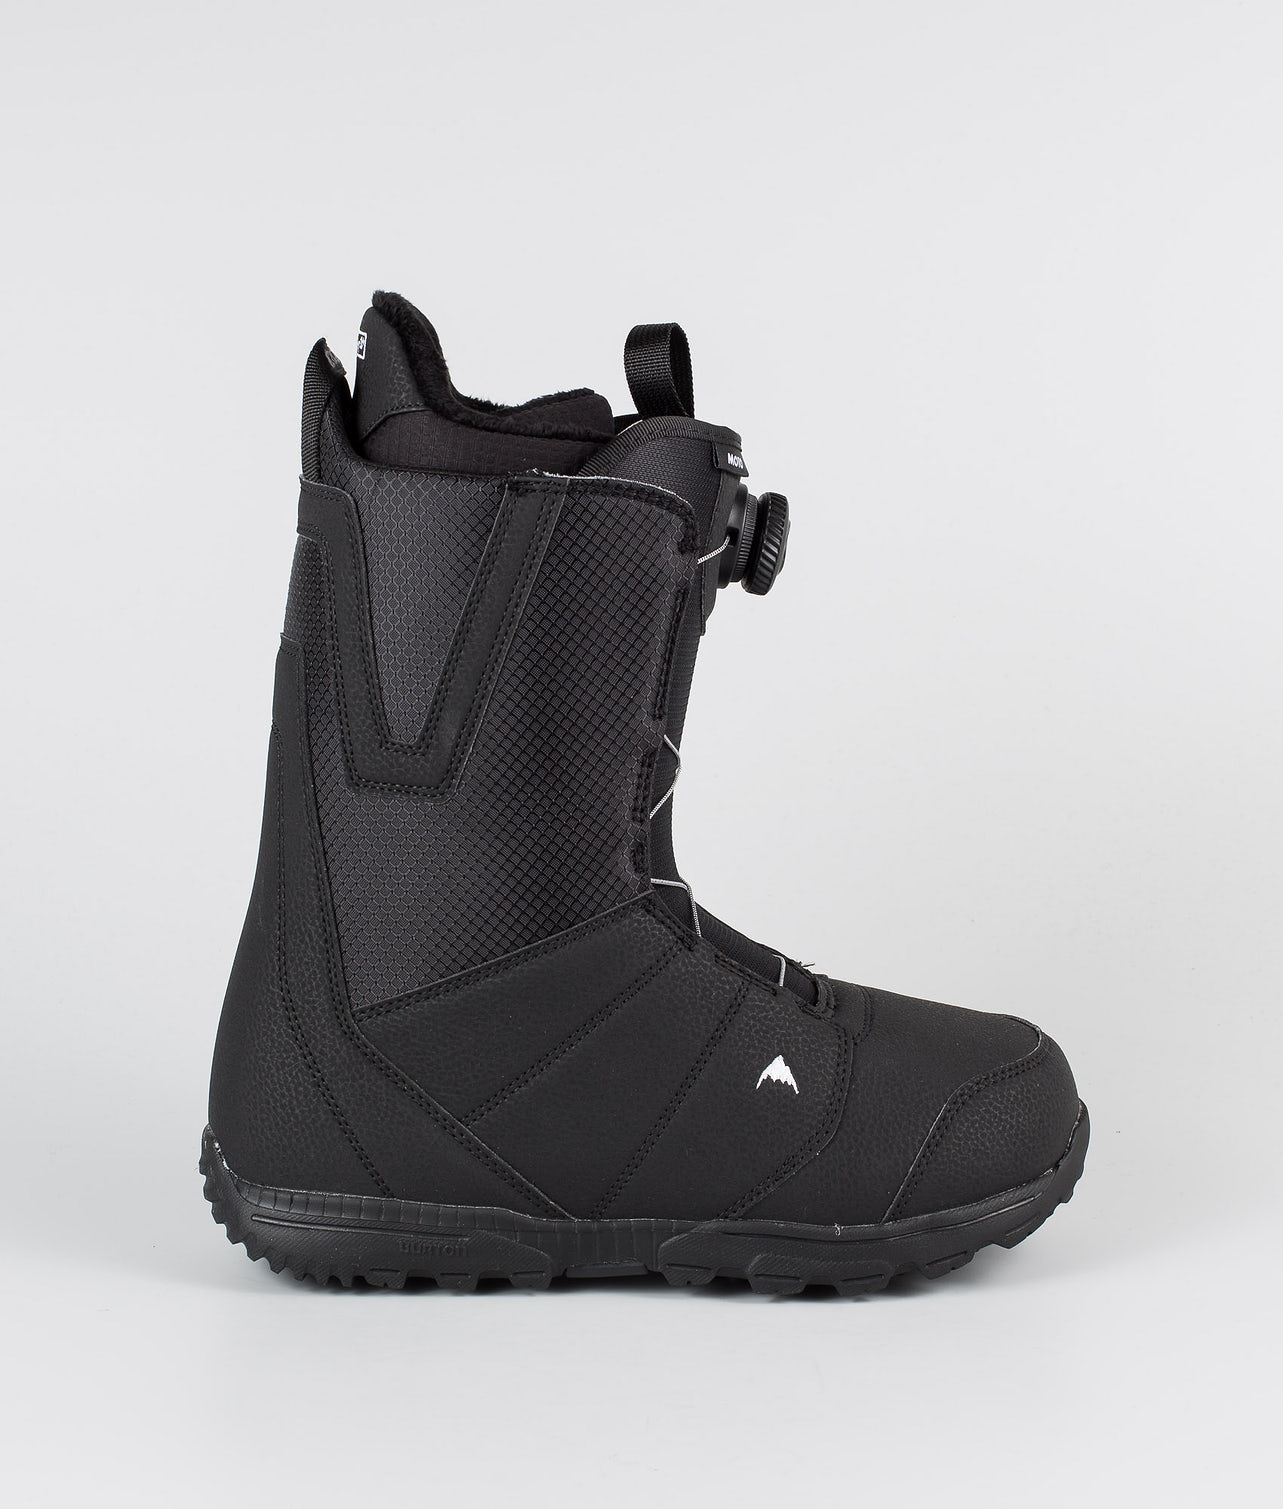 Kjøp Moto Boa Boots fra Burton på Ridestore.no - Hos oss har du alltid fri frakt, fri retur og 30 dagers åpent kjøp!